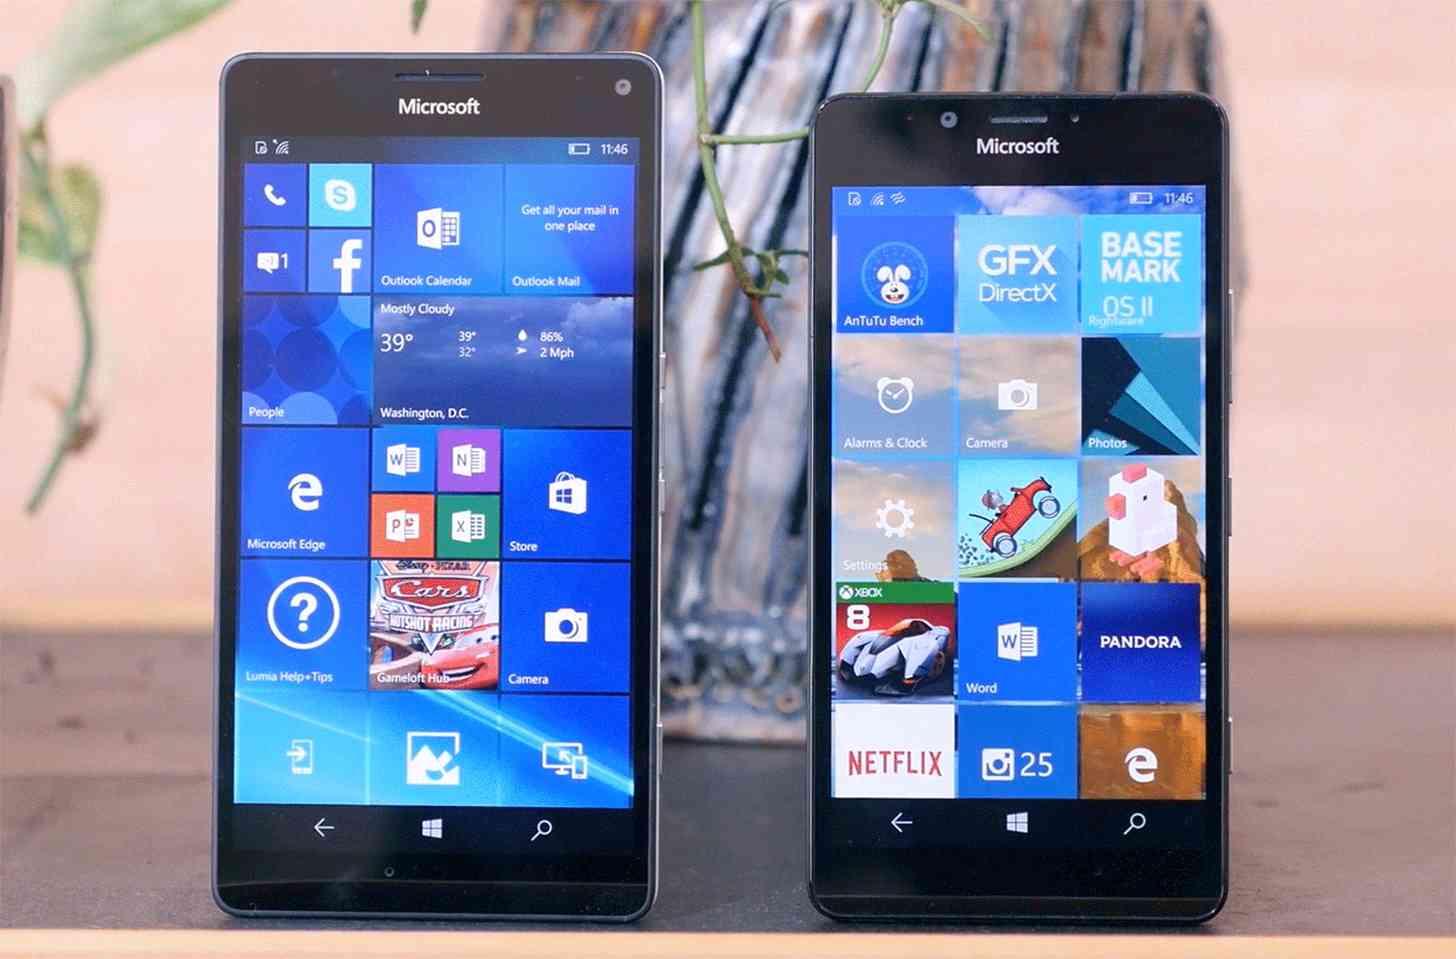 Microsoft Lumia 950 XL, Lumia 950